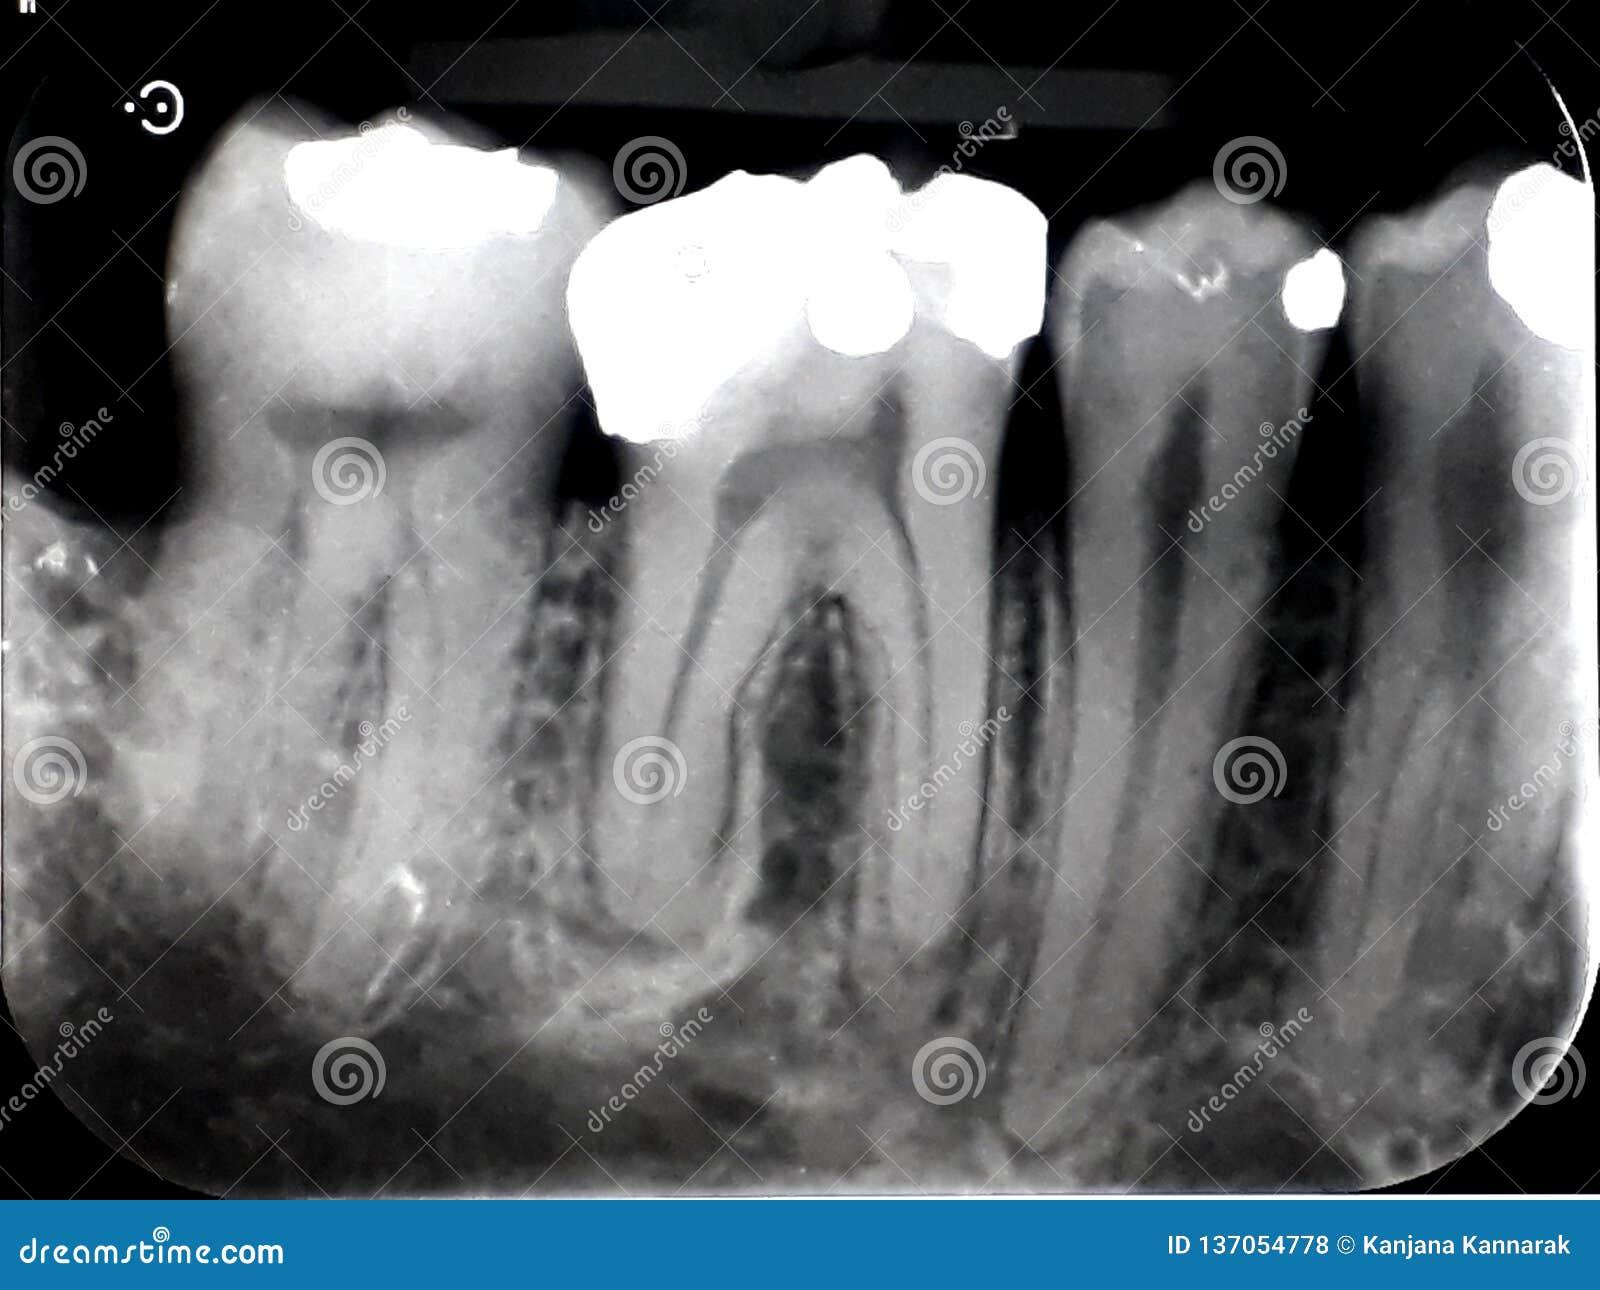 Xray Dental Film Amalgam Filling Stock Photo - Image of ...